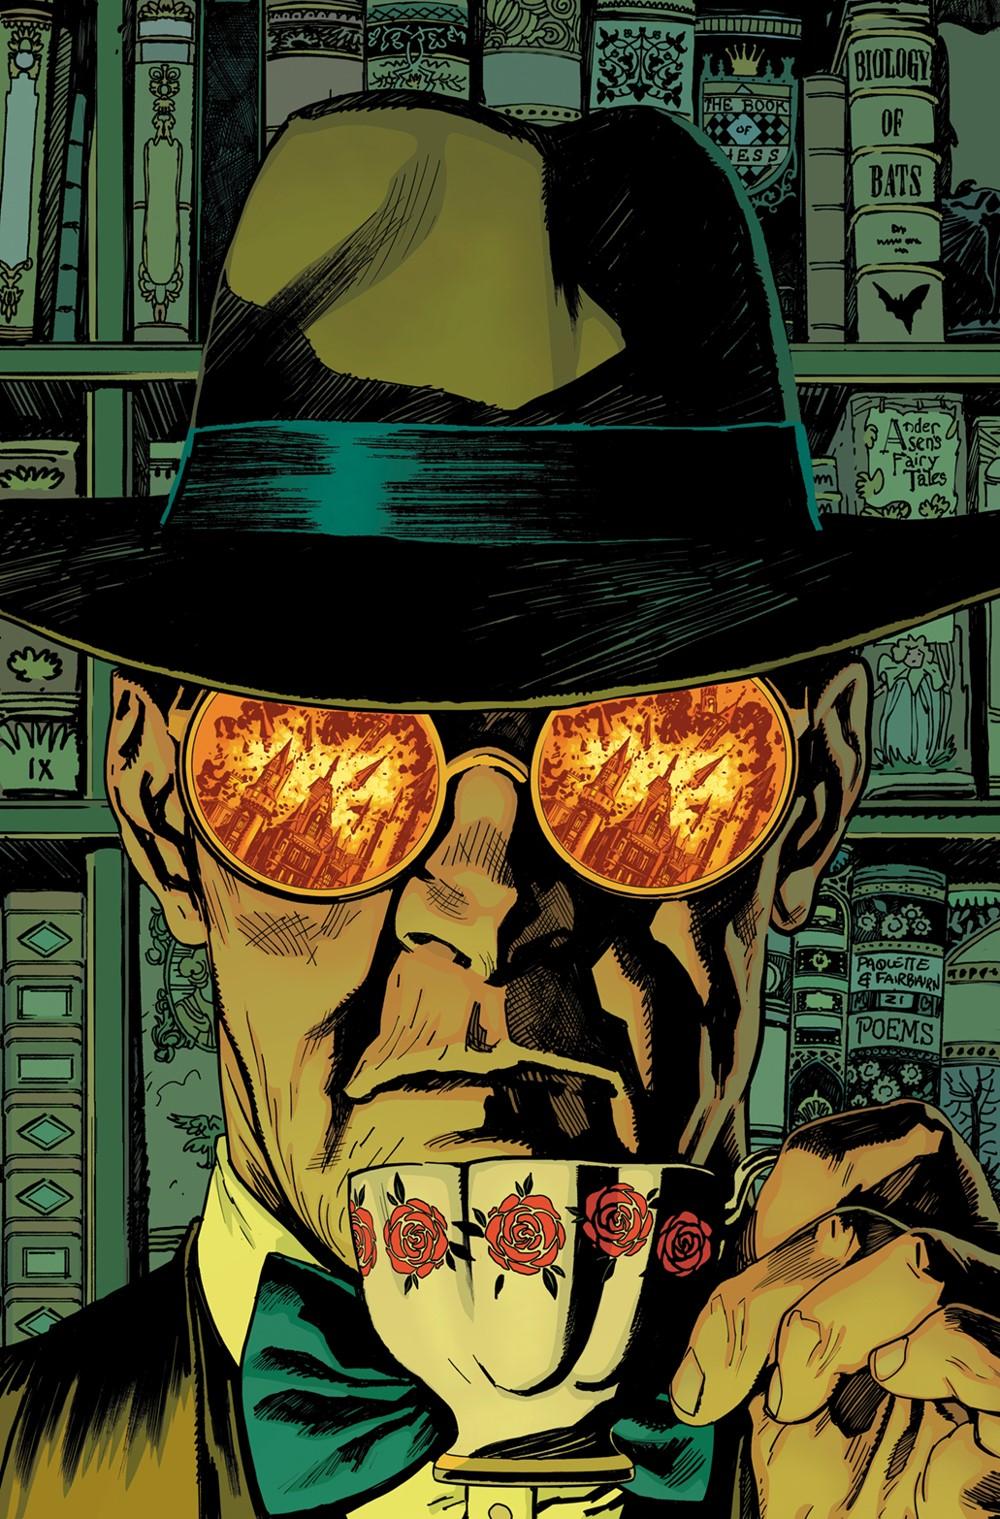 BatmanBigby4 DC Comics December 2021 Solicitations